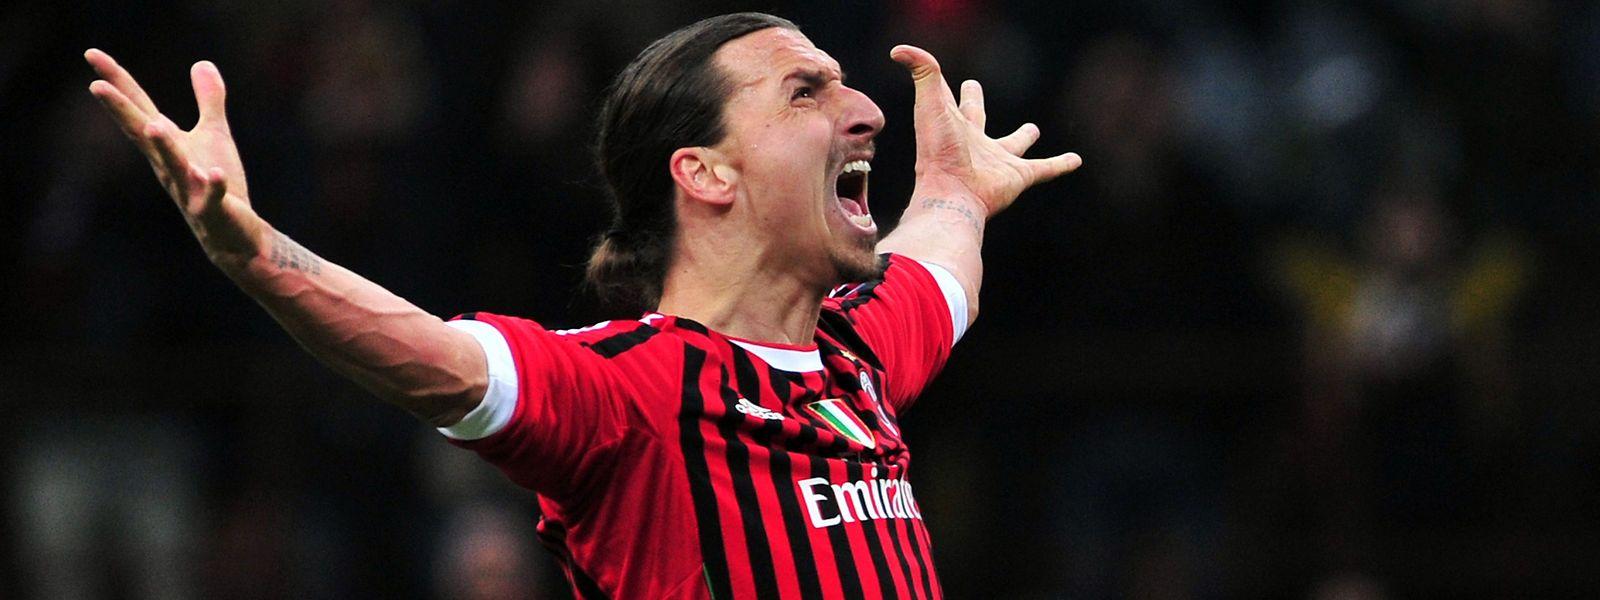 Après deux saisons aux Etats-Unis, Zlatan Ibrahimovic retrouve l'AC Milan, à 38 ans